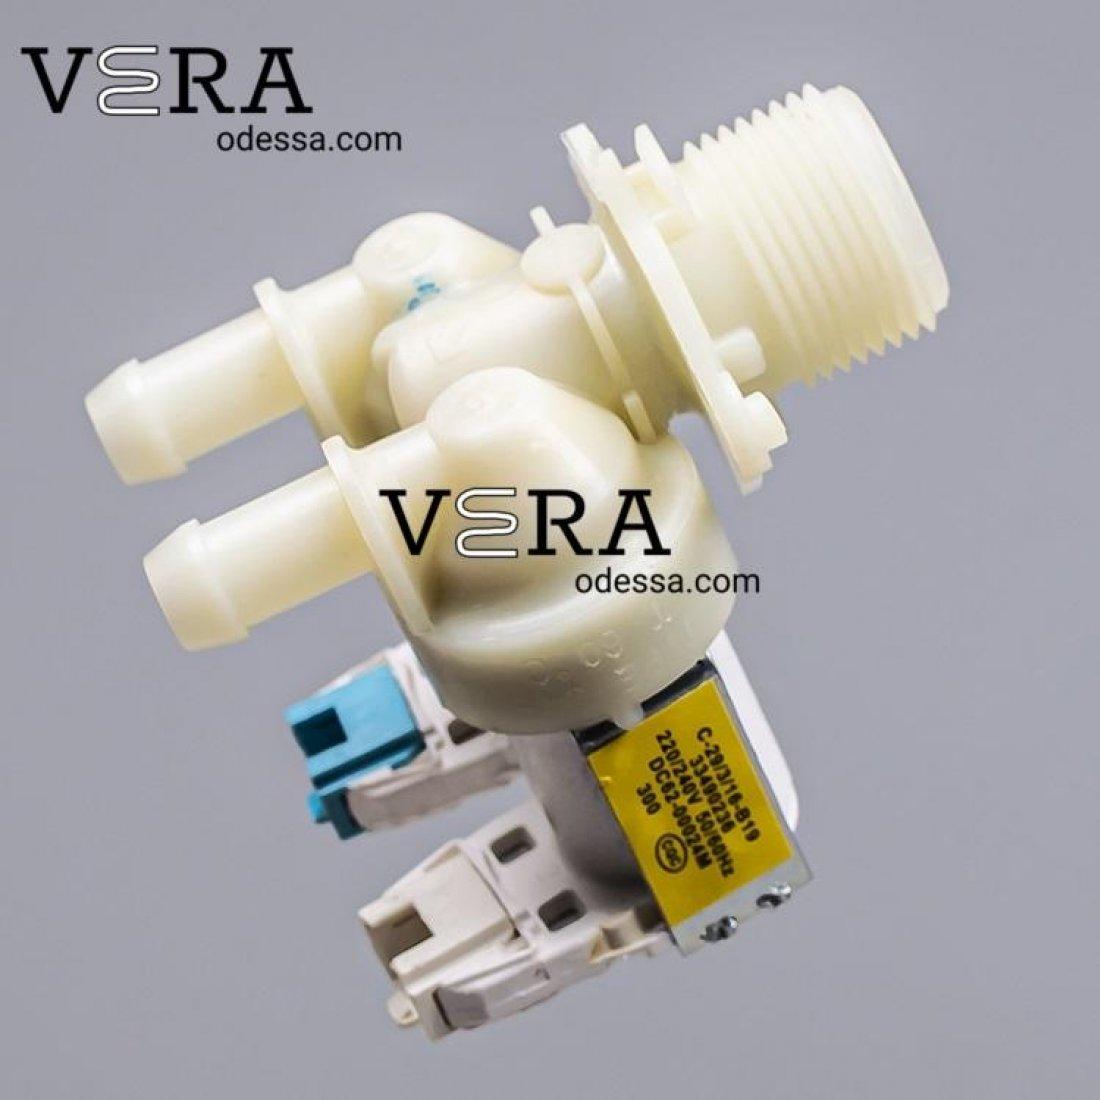 Купити клапан пральної машини ELECTROLUX 2/180 оптом, фотографія 1